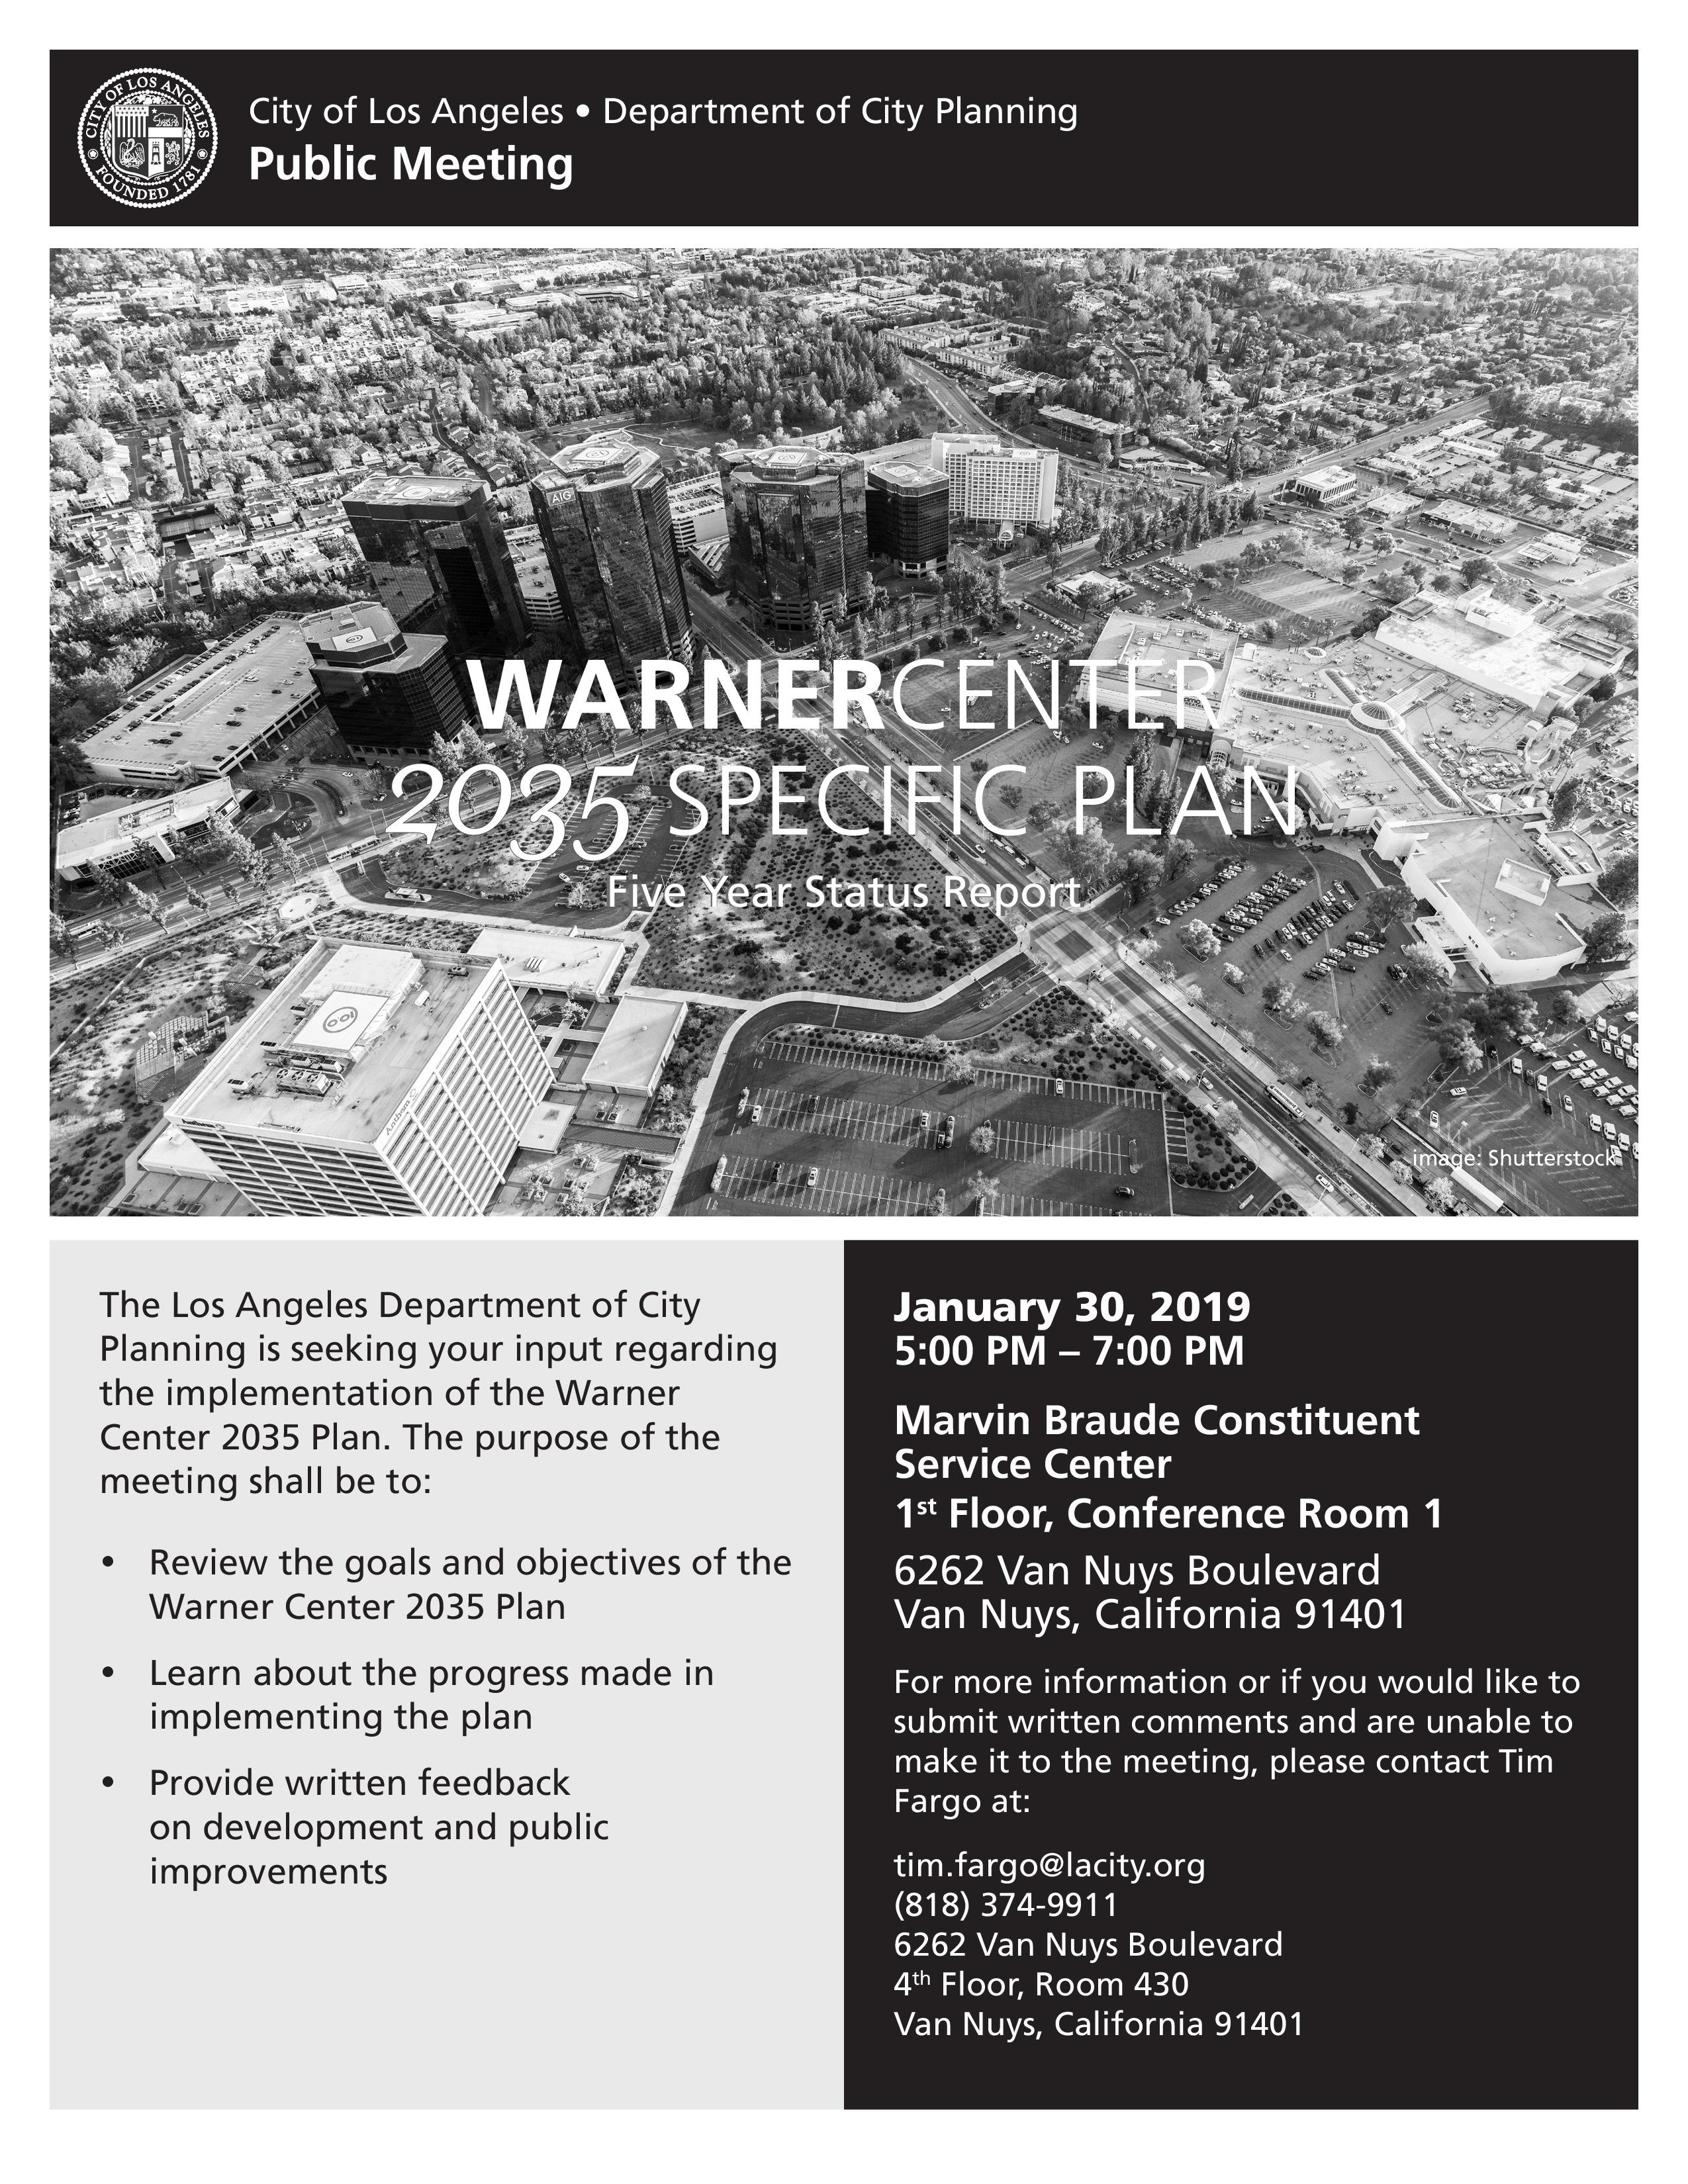 WarnerCenter2035_PublicMeetingFlyerFINAL-page-0.jpg